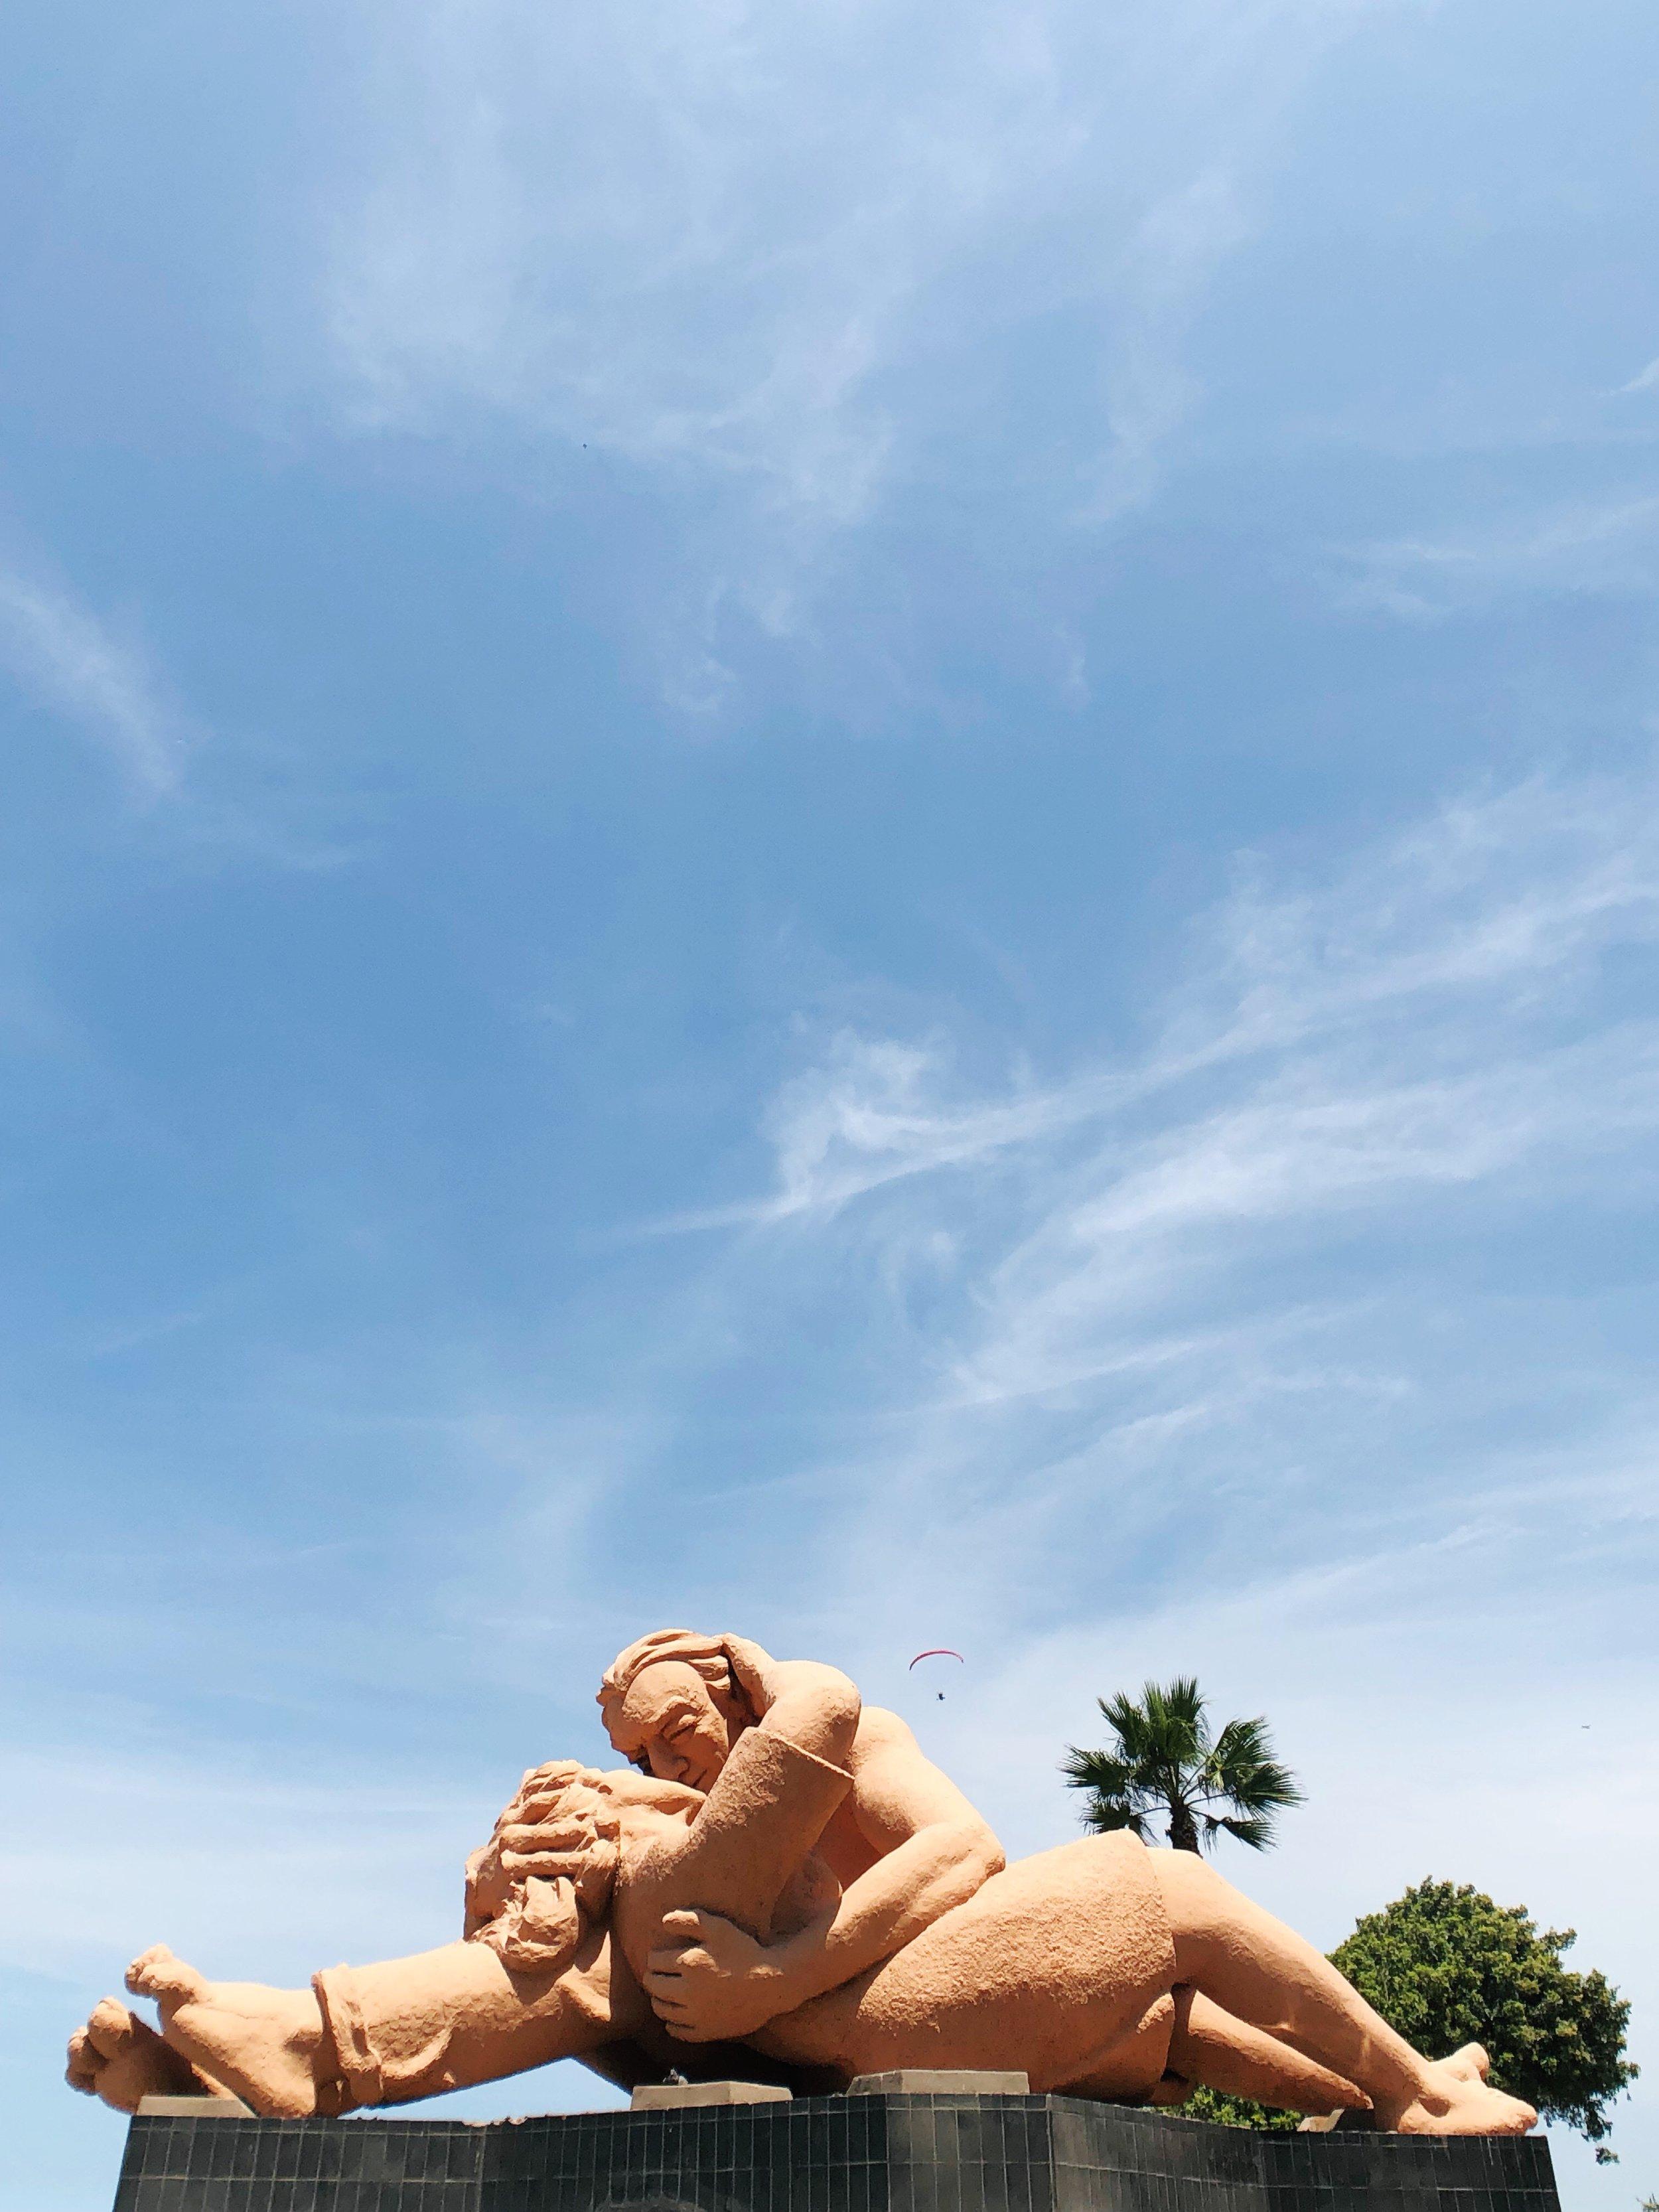 malecon-miraflores-parque del amor - park of love - lima - peru - south america - travel tips